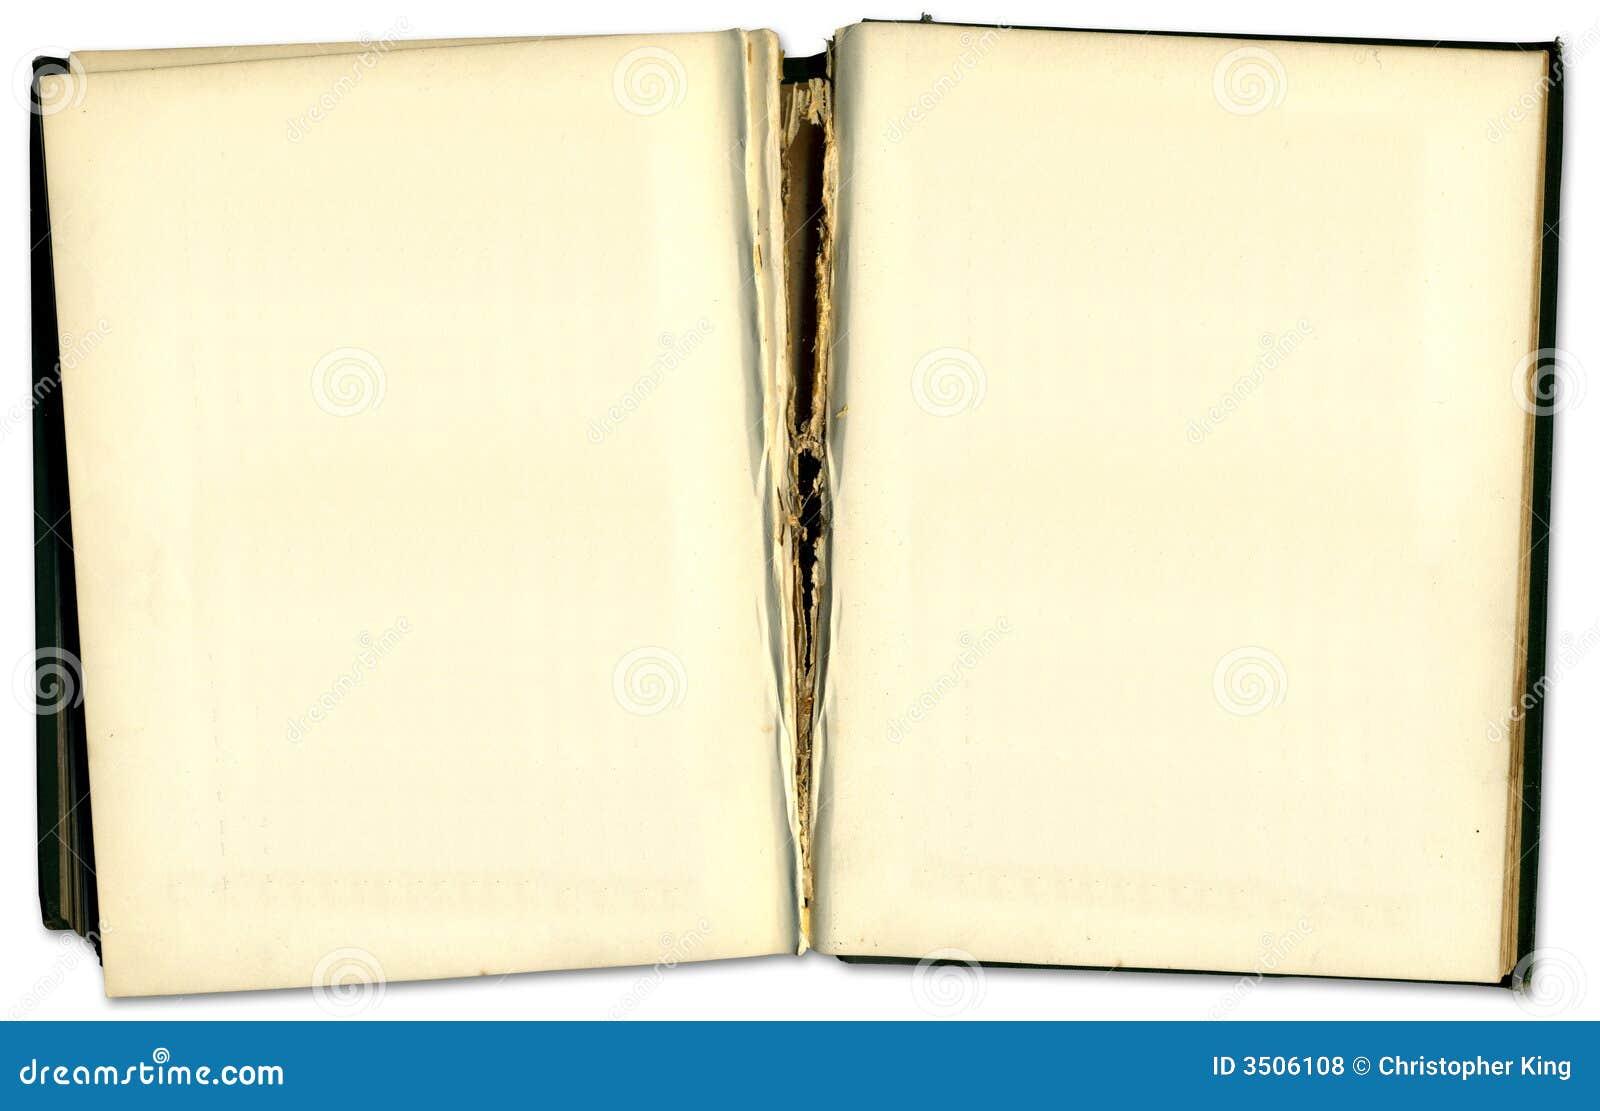 wallpaper golden book open - photo #32